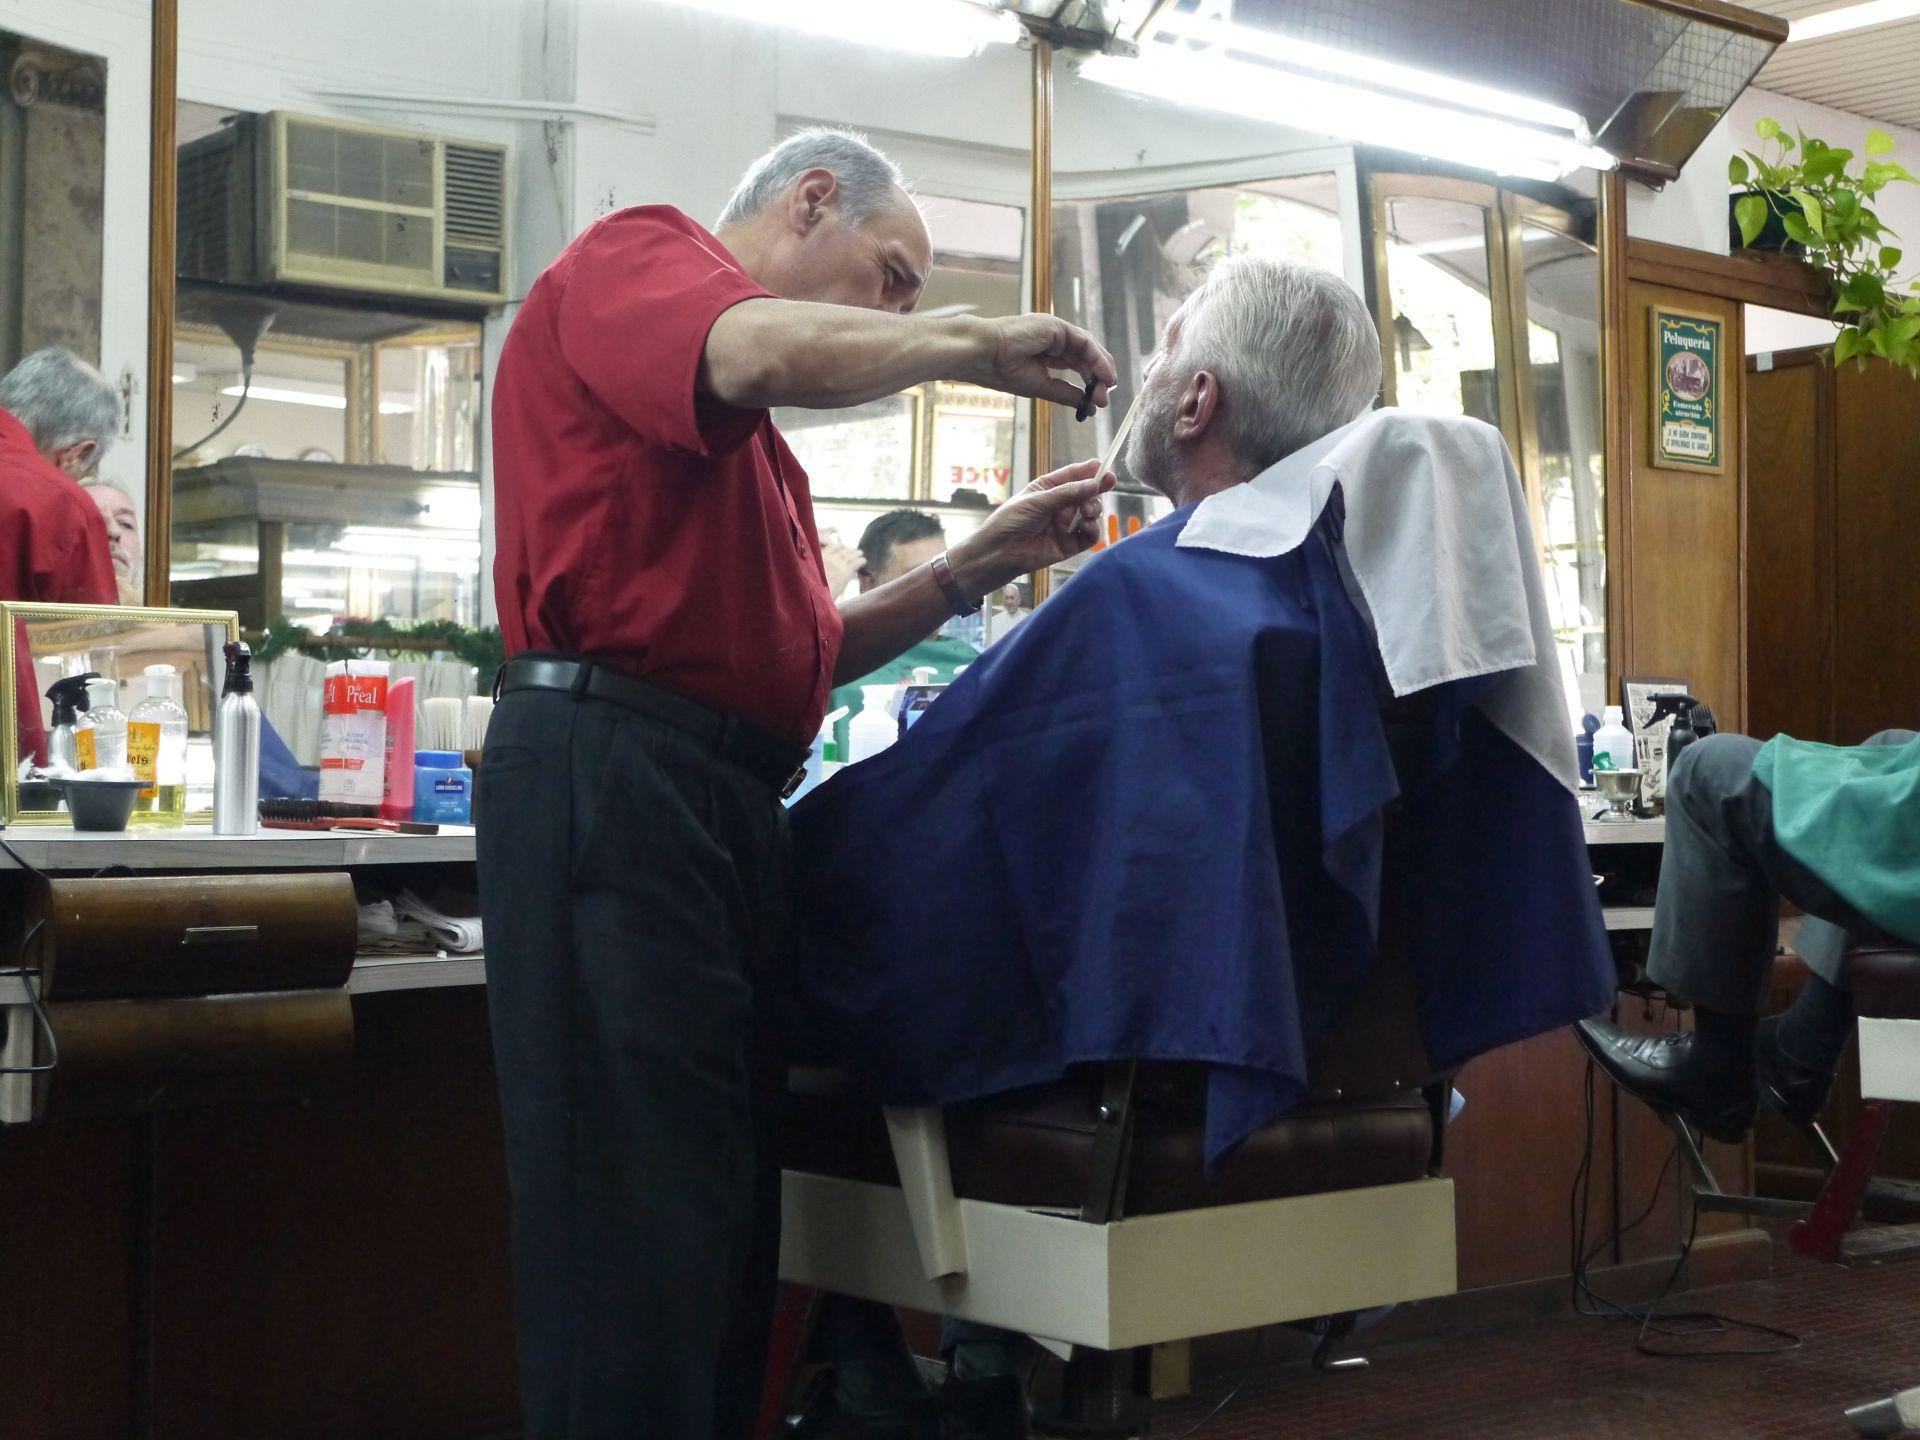 Circuito Barber : Video a bordo en el circuito de barber colmotorfans